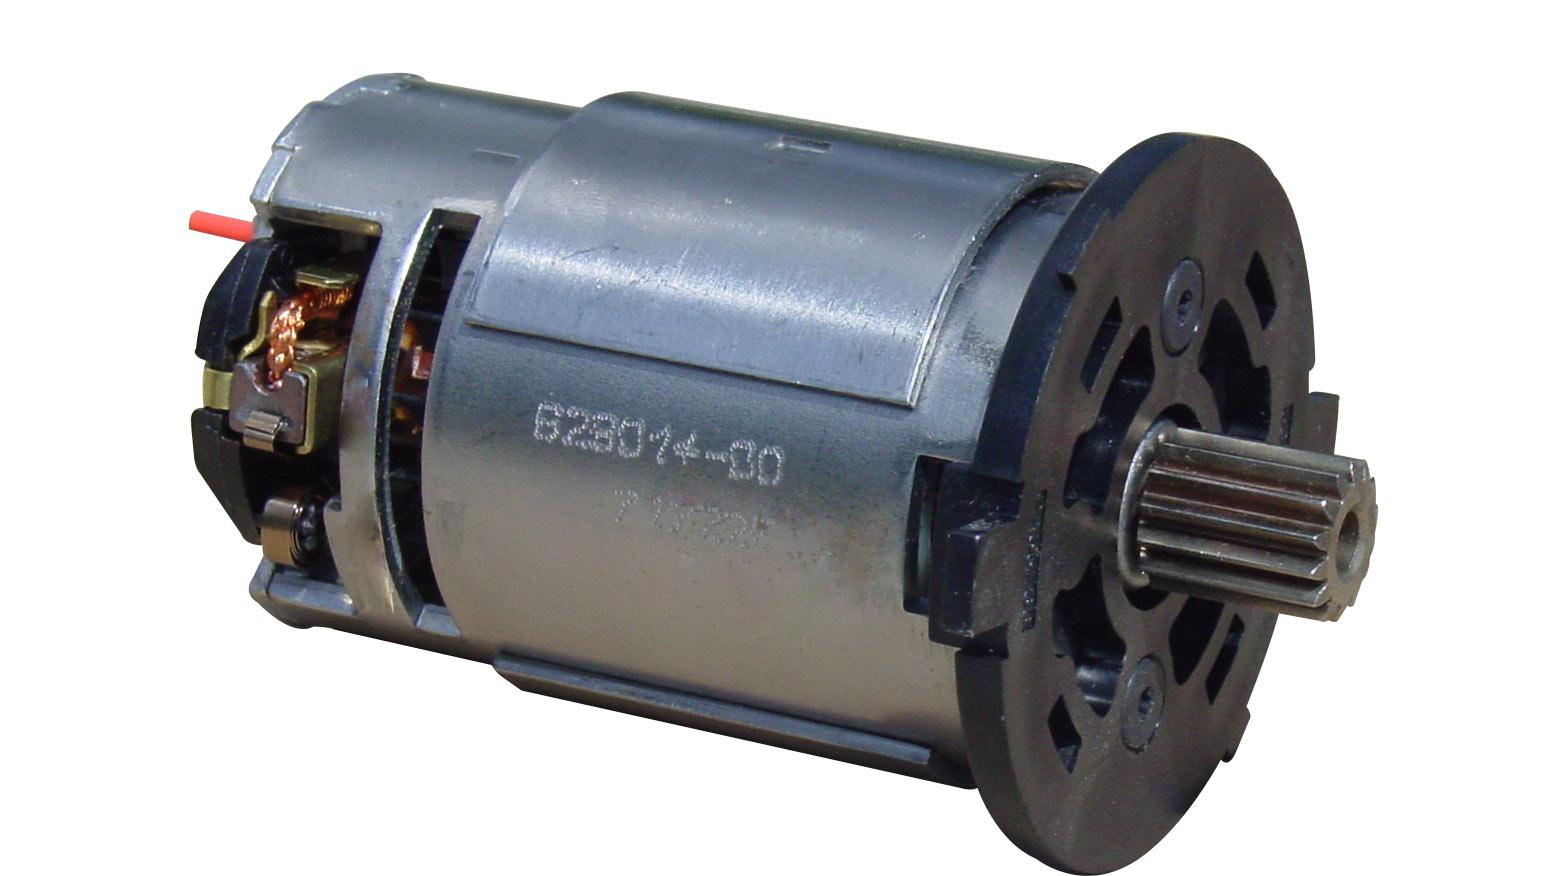 Dewalt Dewalt 36v Hammerdrill Motor 639521 00sv